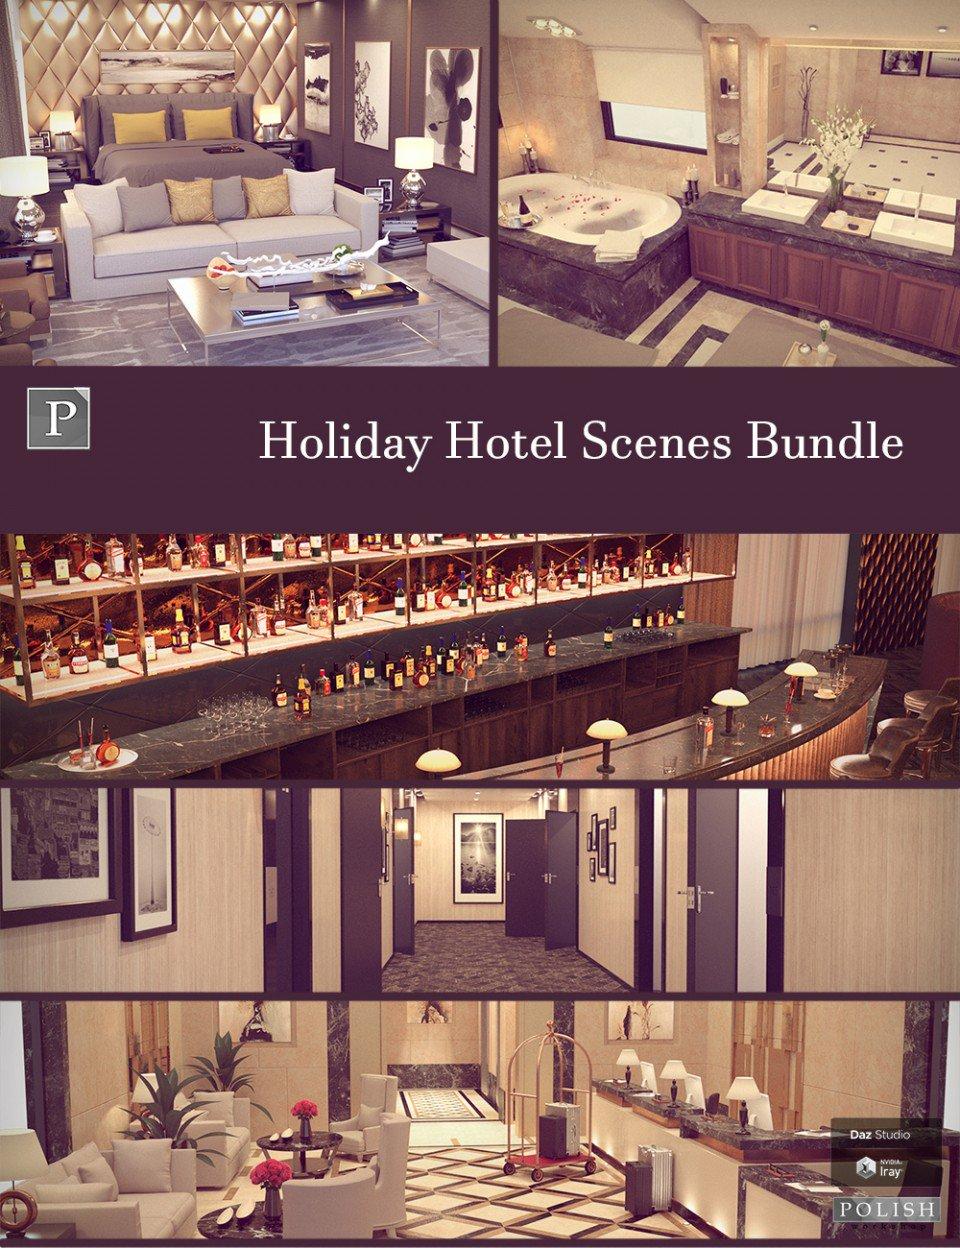 Holiday Hotel Scenes Bundle